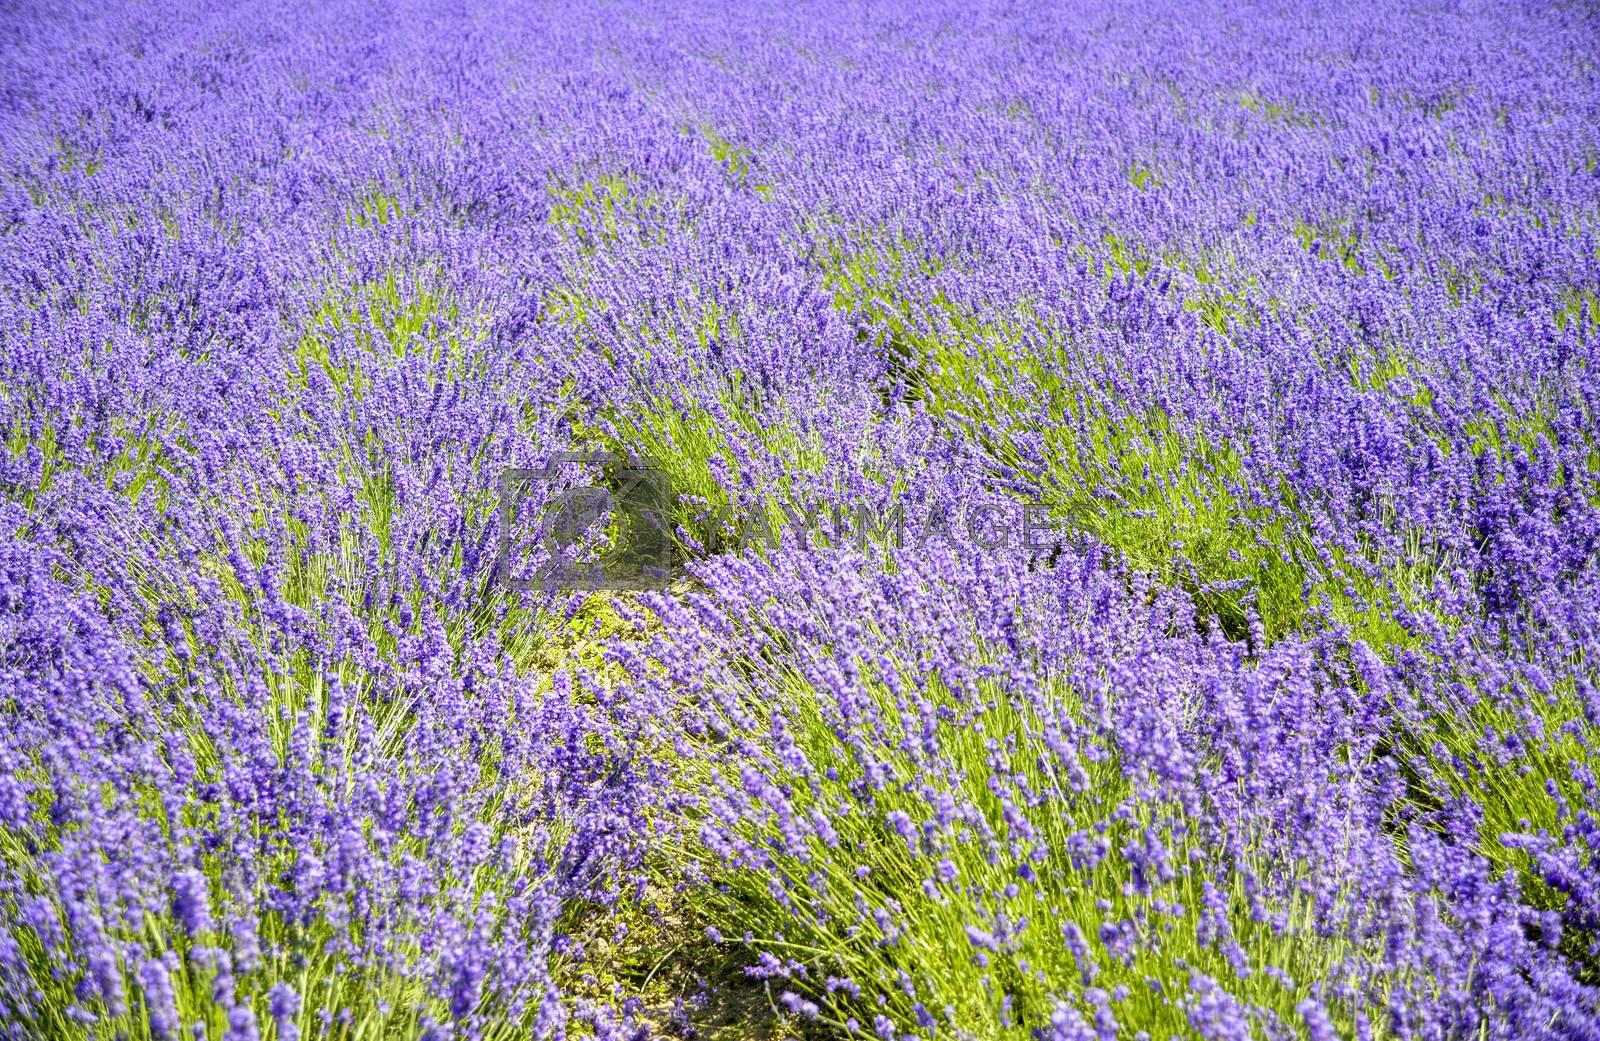 Plenty of lavender flower